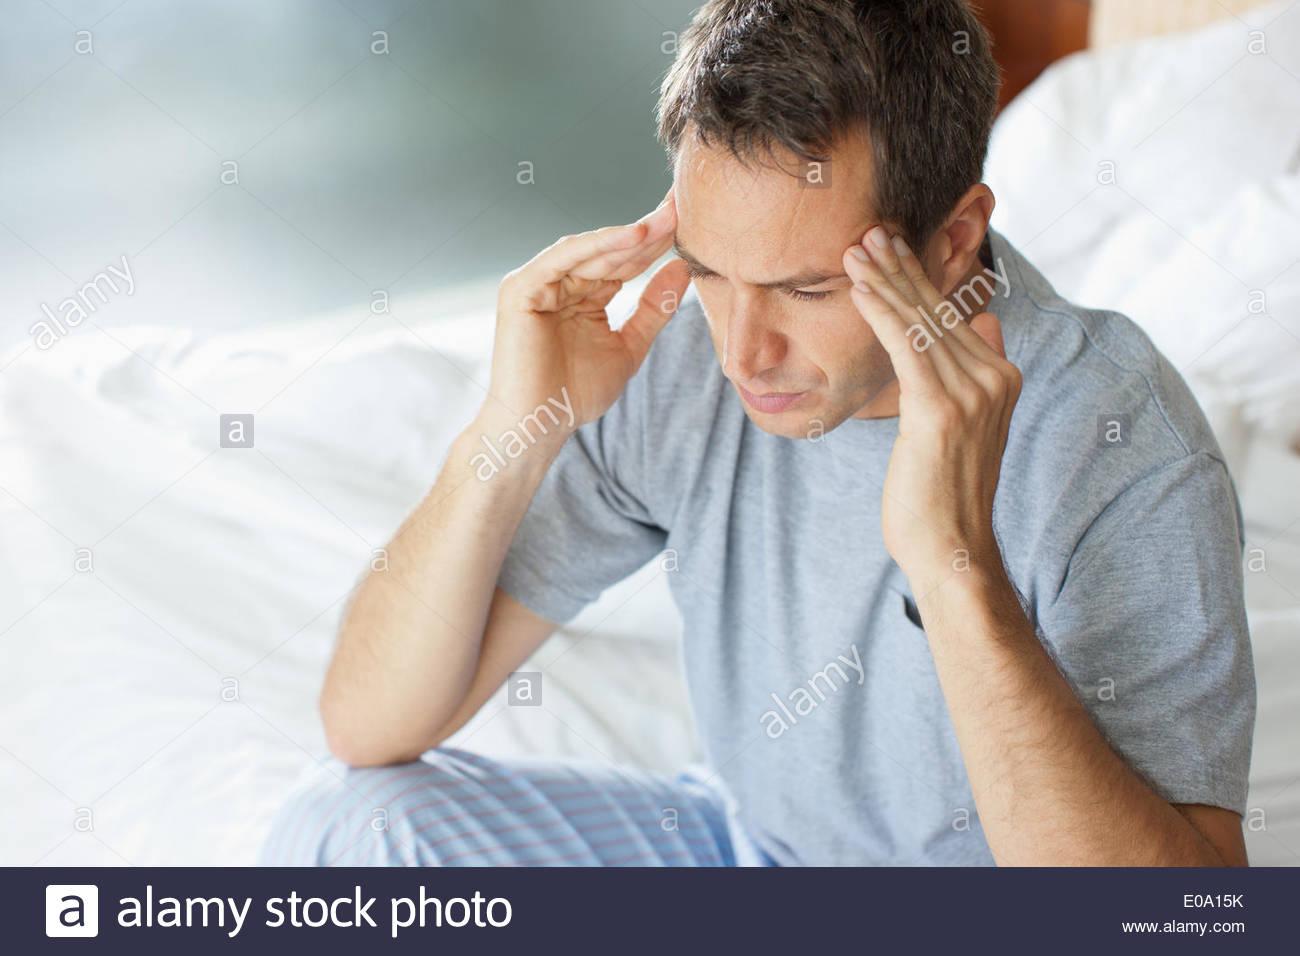 Mann mit Kopfschmerzen reiben Stirn Stockbild